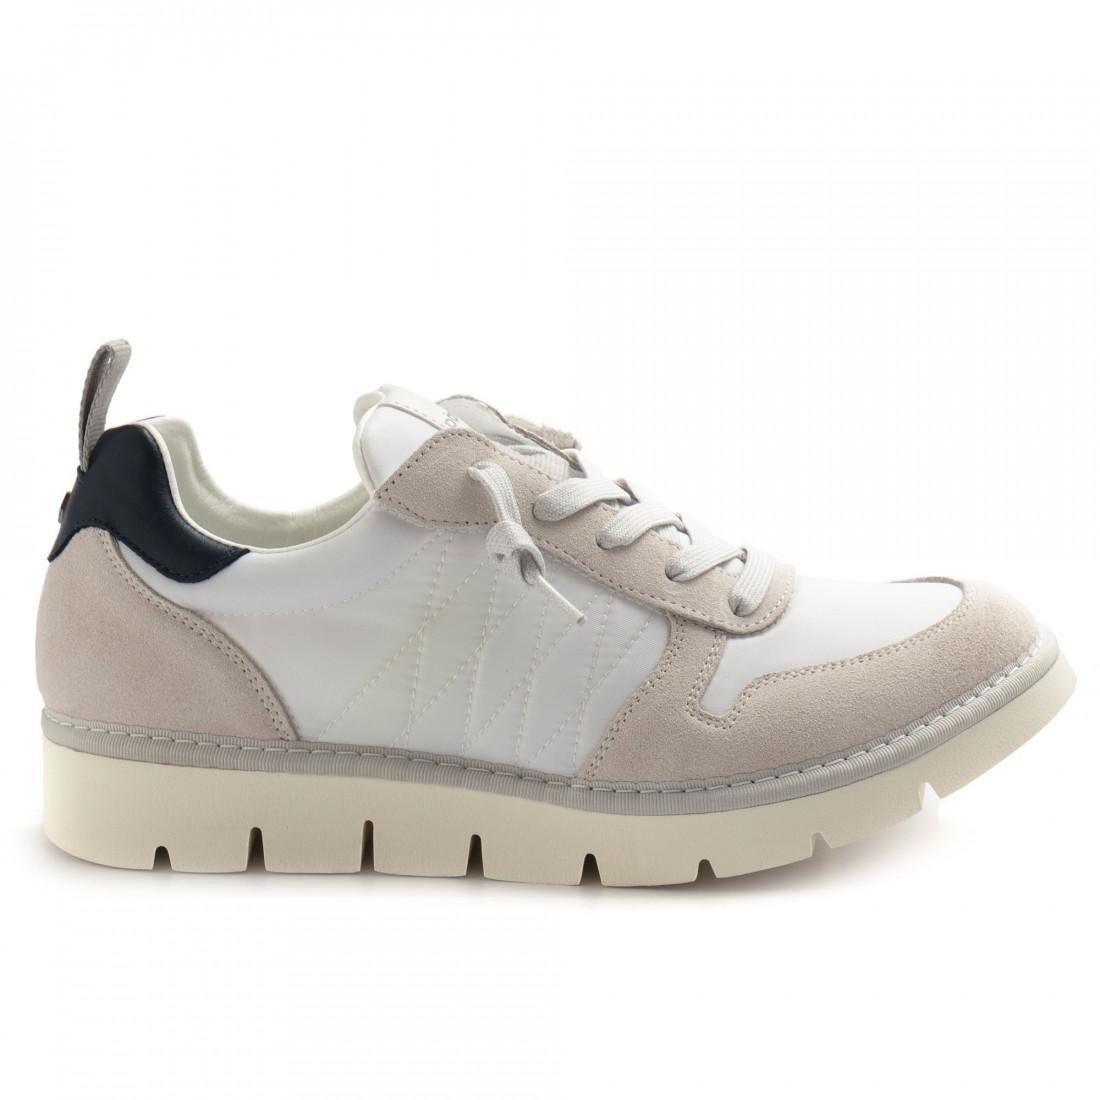 sneakers herren panchic p05m18021ts2c00071 8502